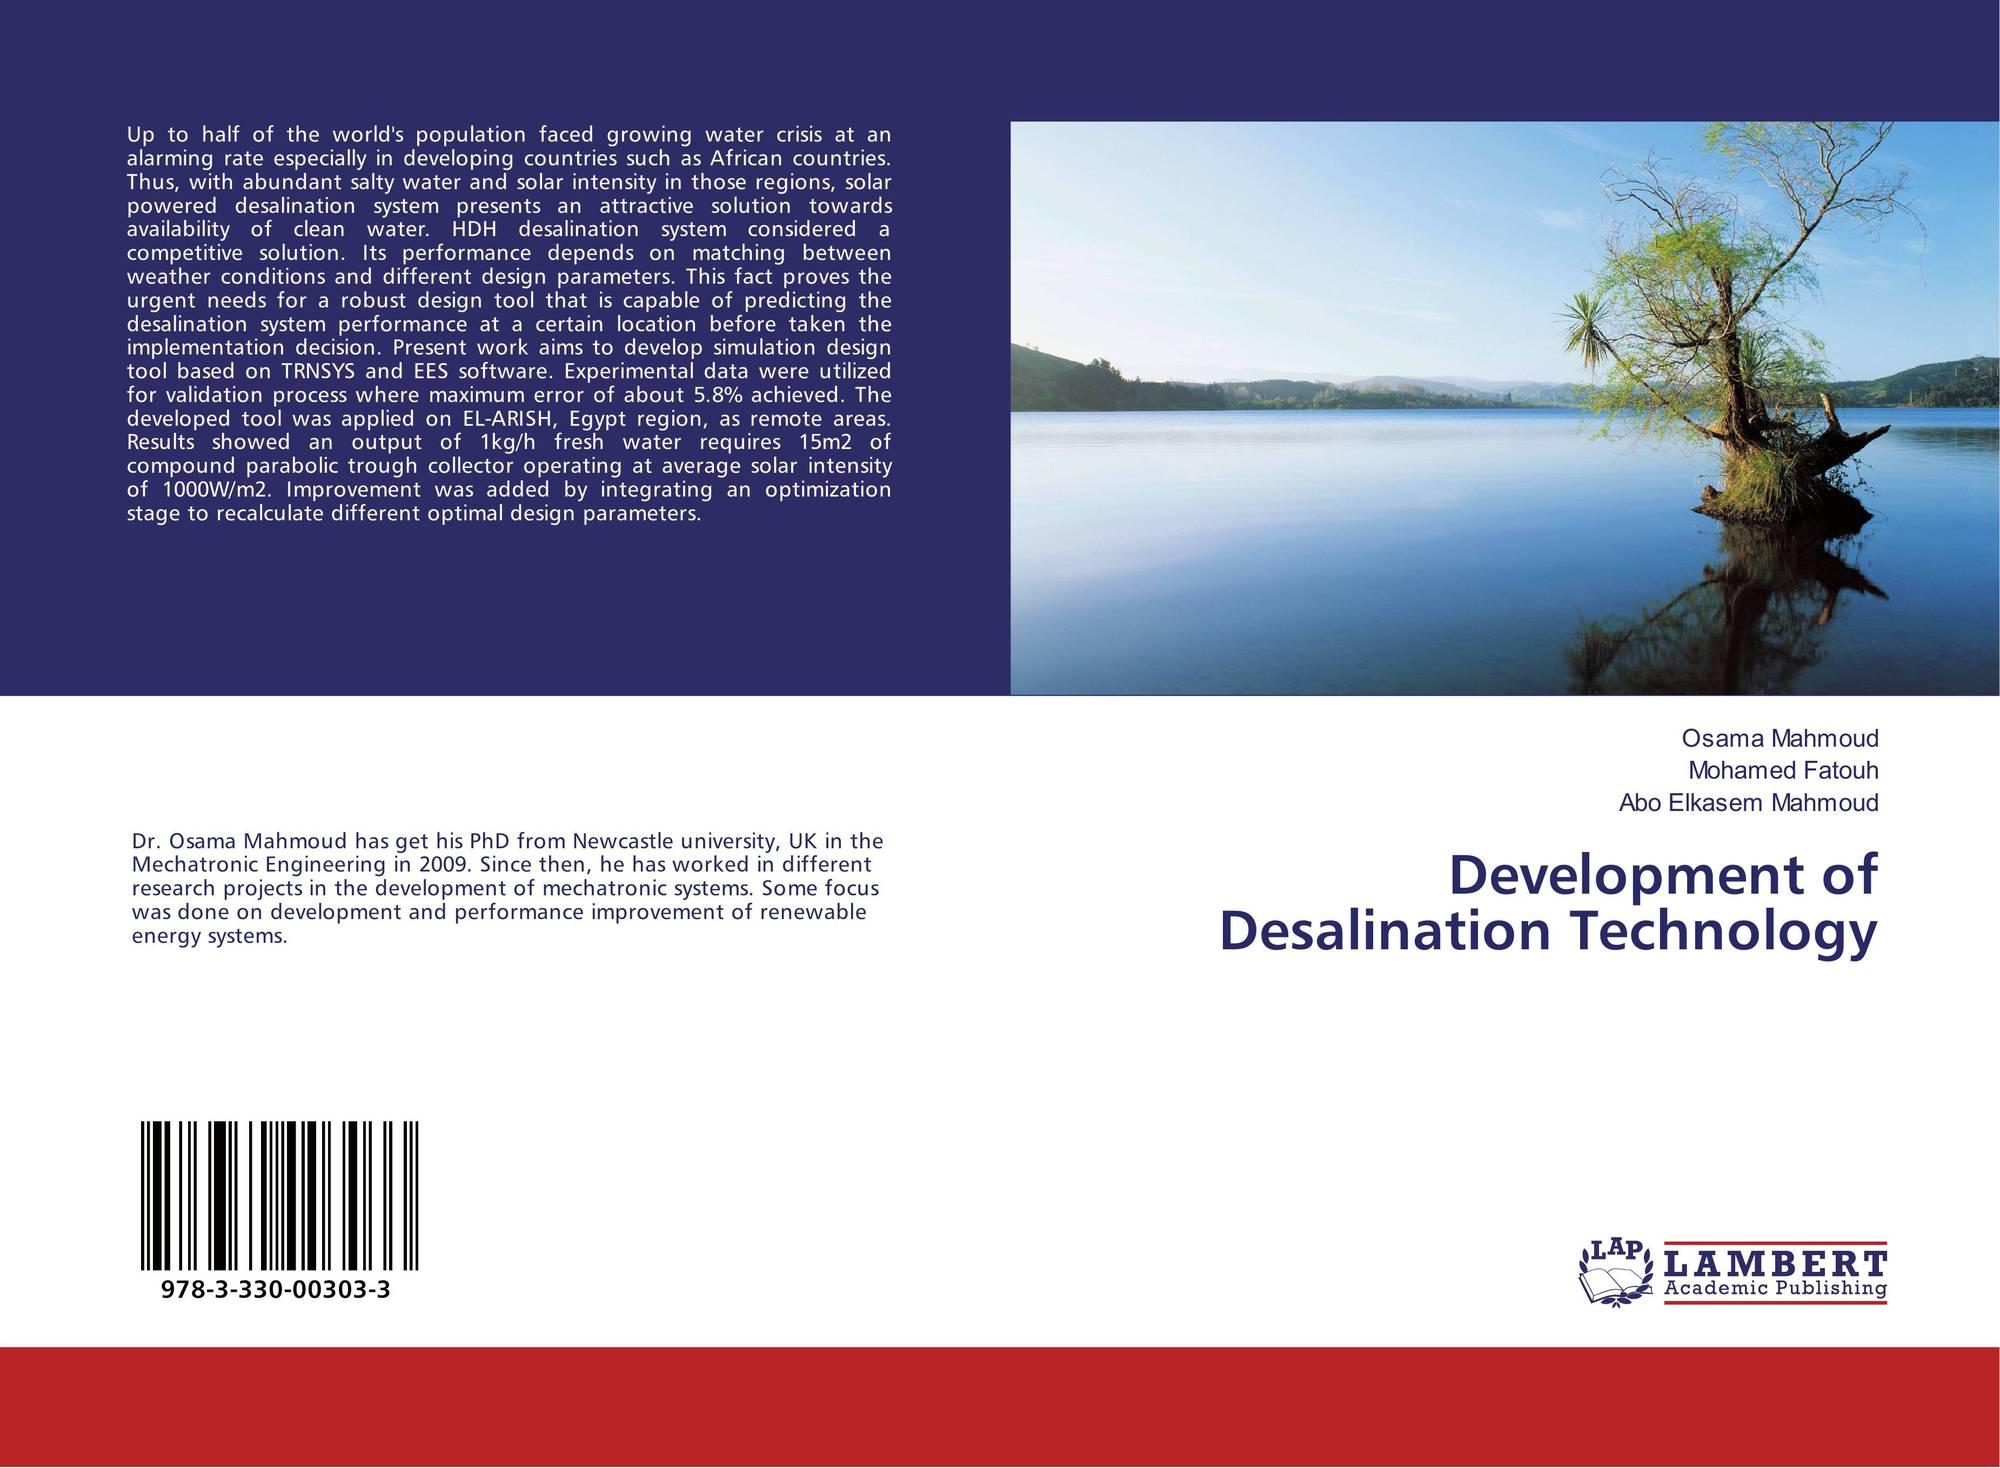 Development of Desalination Technology, 978-3-330-00303-3